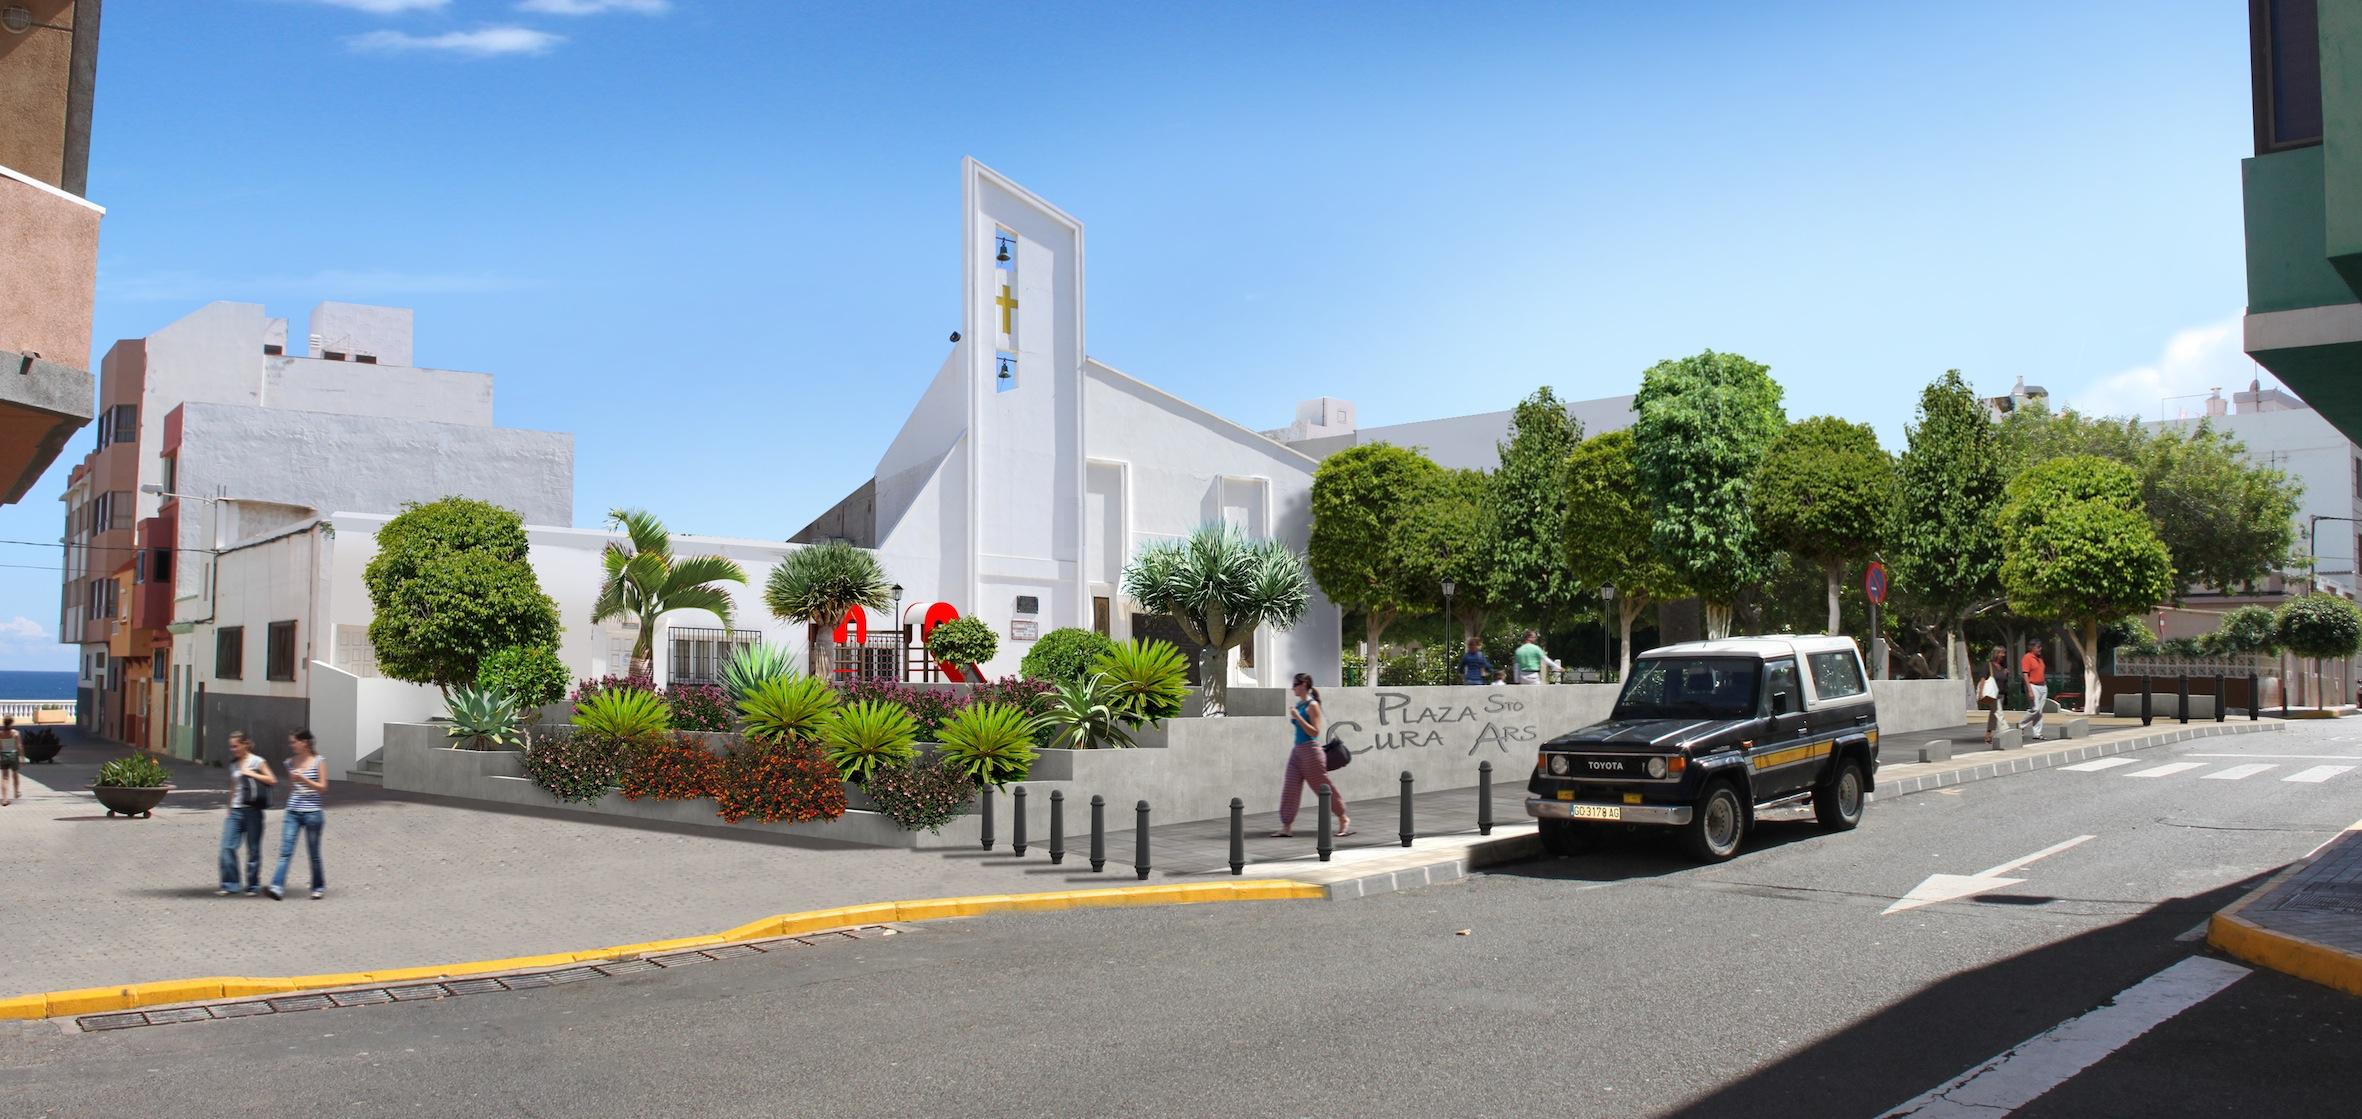 Plaza Santo Cura de Ars